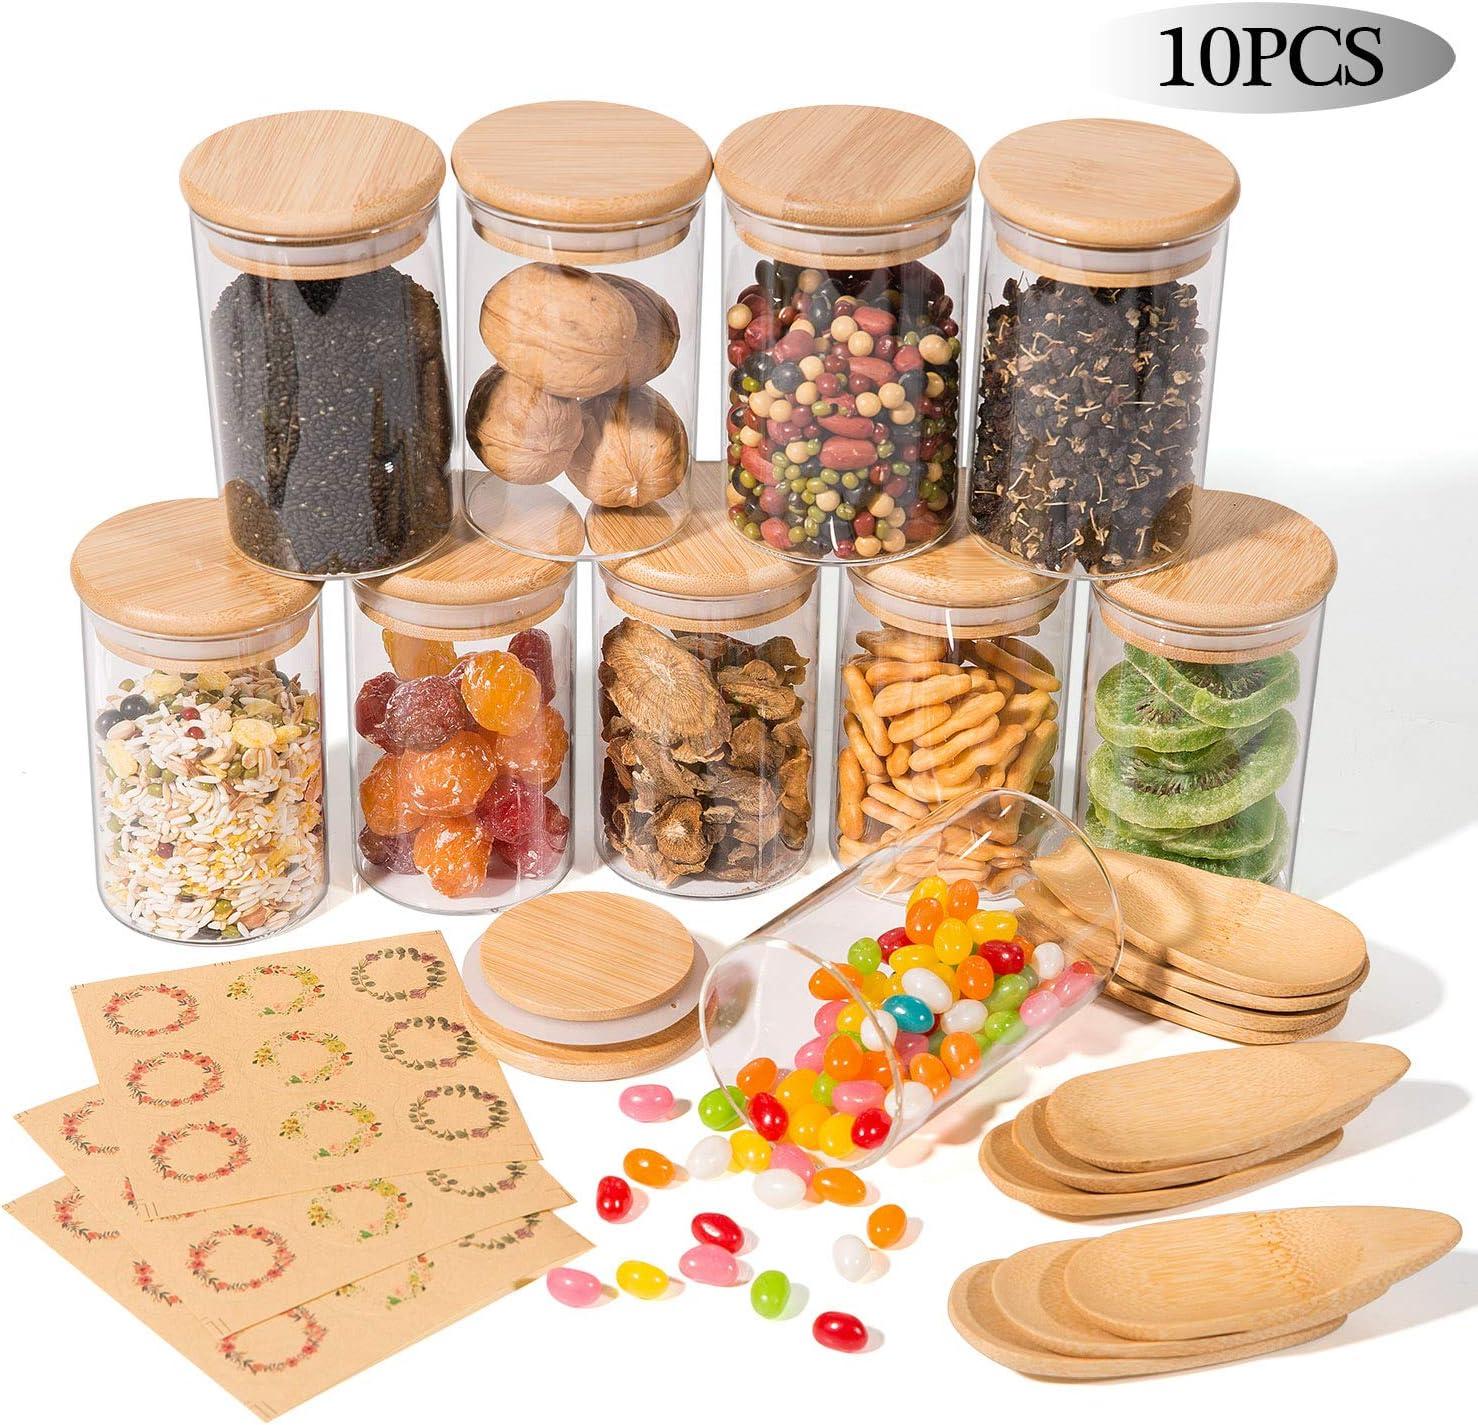 10 Pcs Tarro de Vidrio de Almacenamiento Yangbaga Botes de Vidrio con Cuchara de Madera Tapa Hermética de Madera Bambú Etiquetas para Almacenaje y Conservar Alimentos,Uso en Cocina, Baño- 250ml